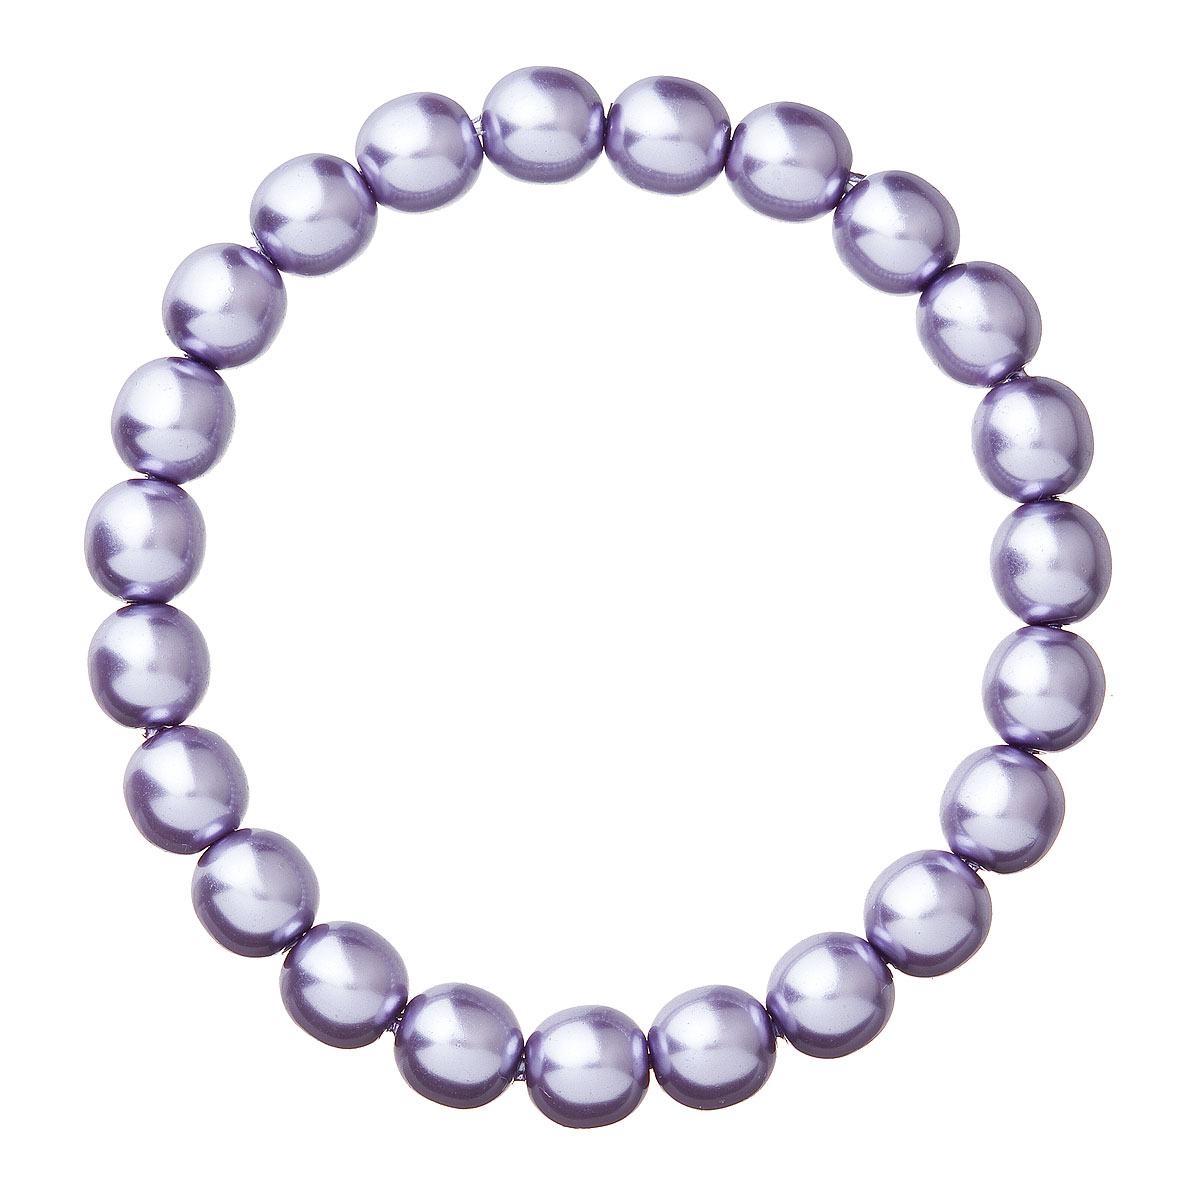 Perlový náramek fialový 56010.3 violet